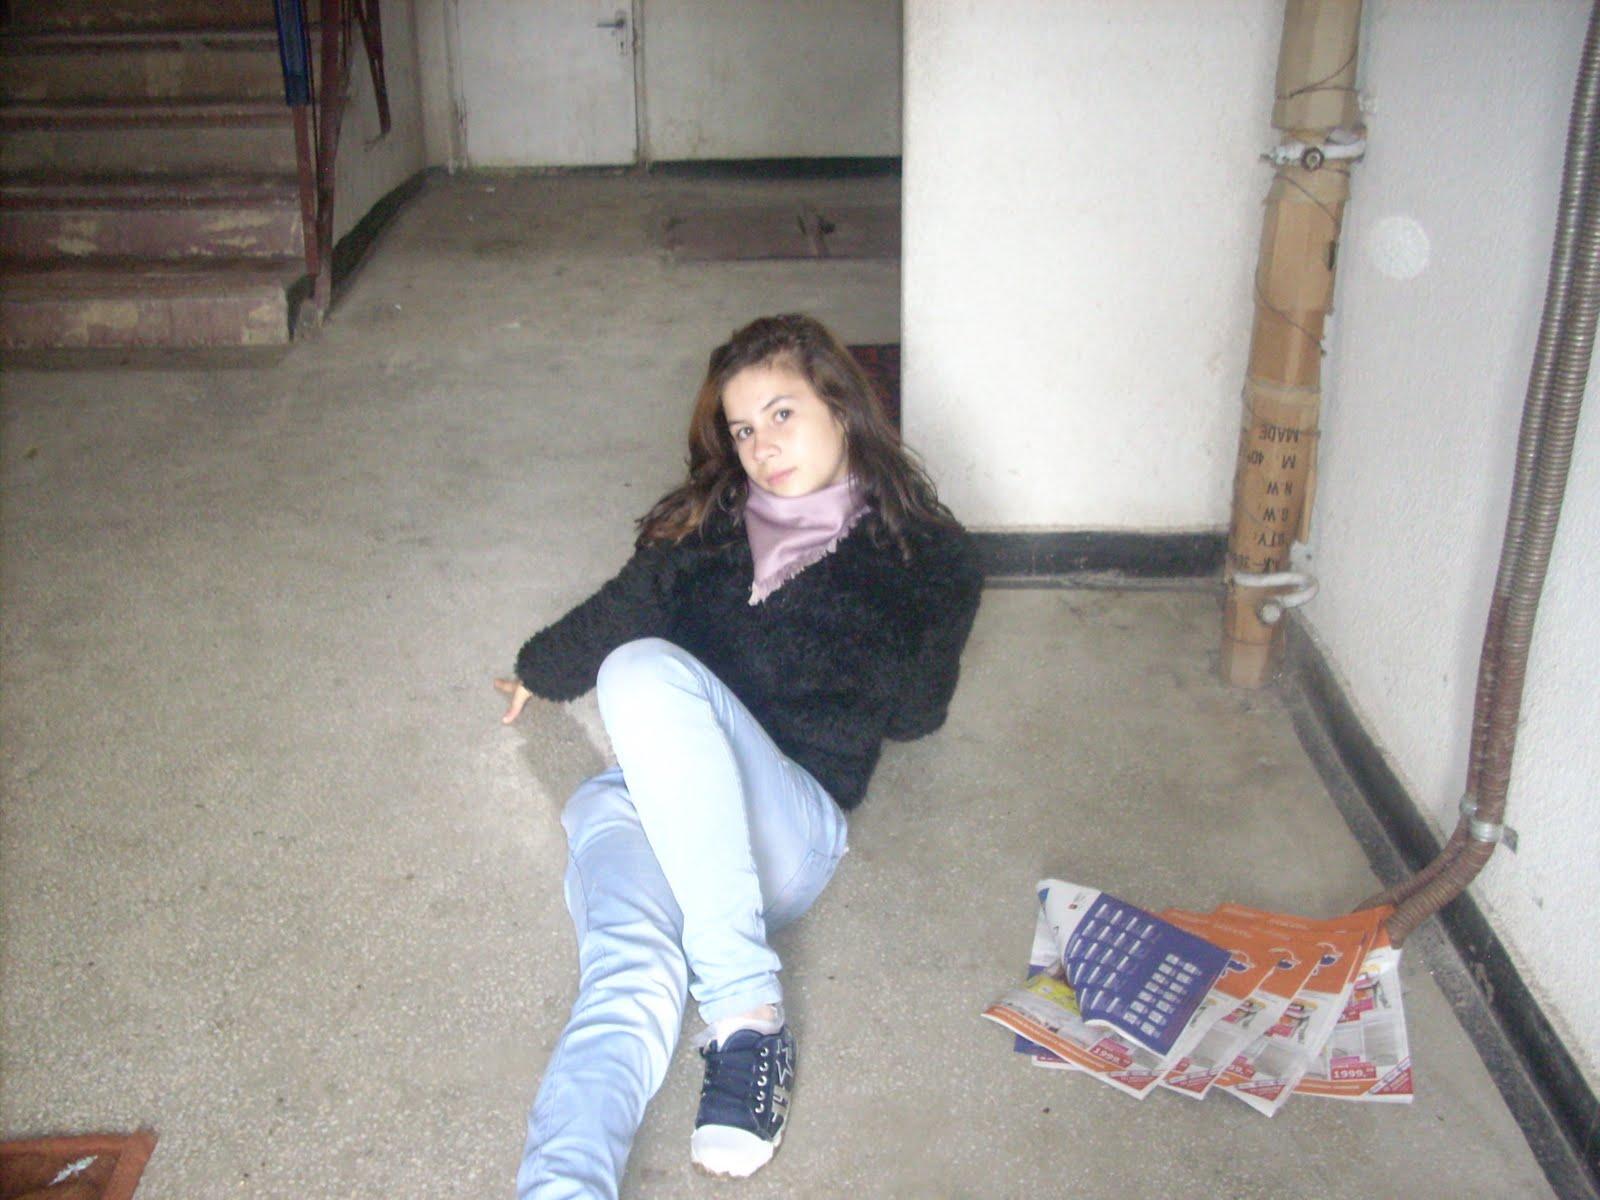 fete singure cu numărul de telefon)